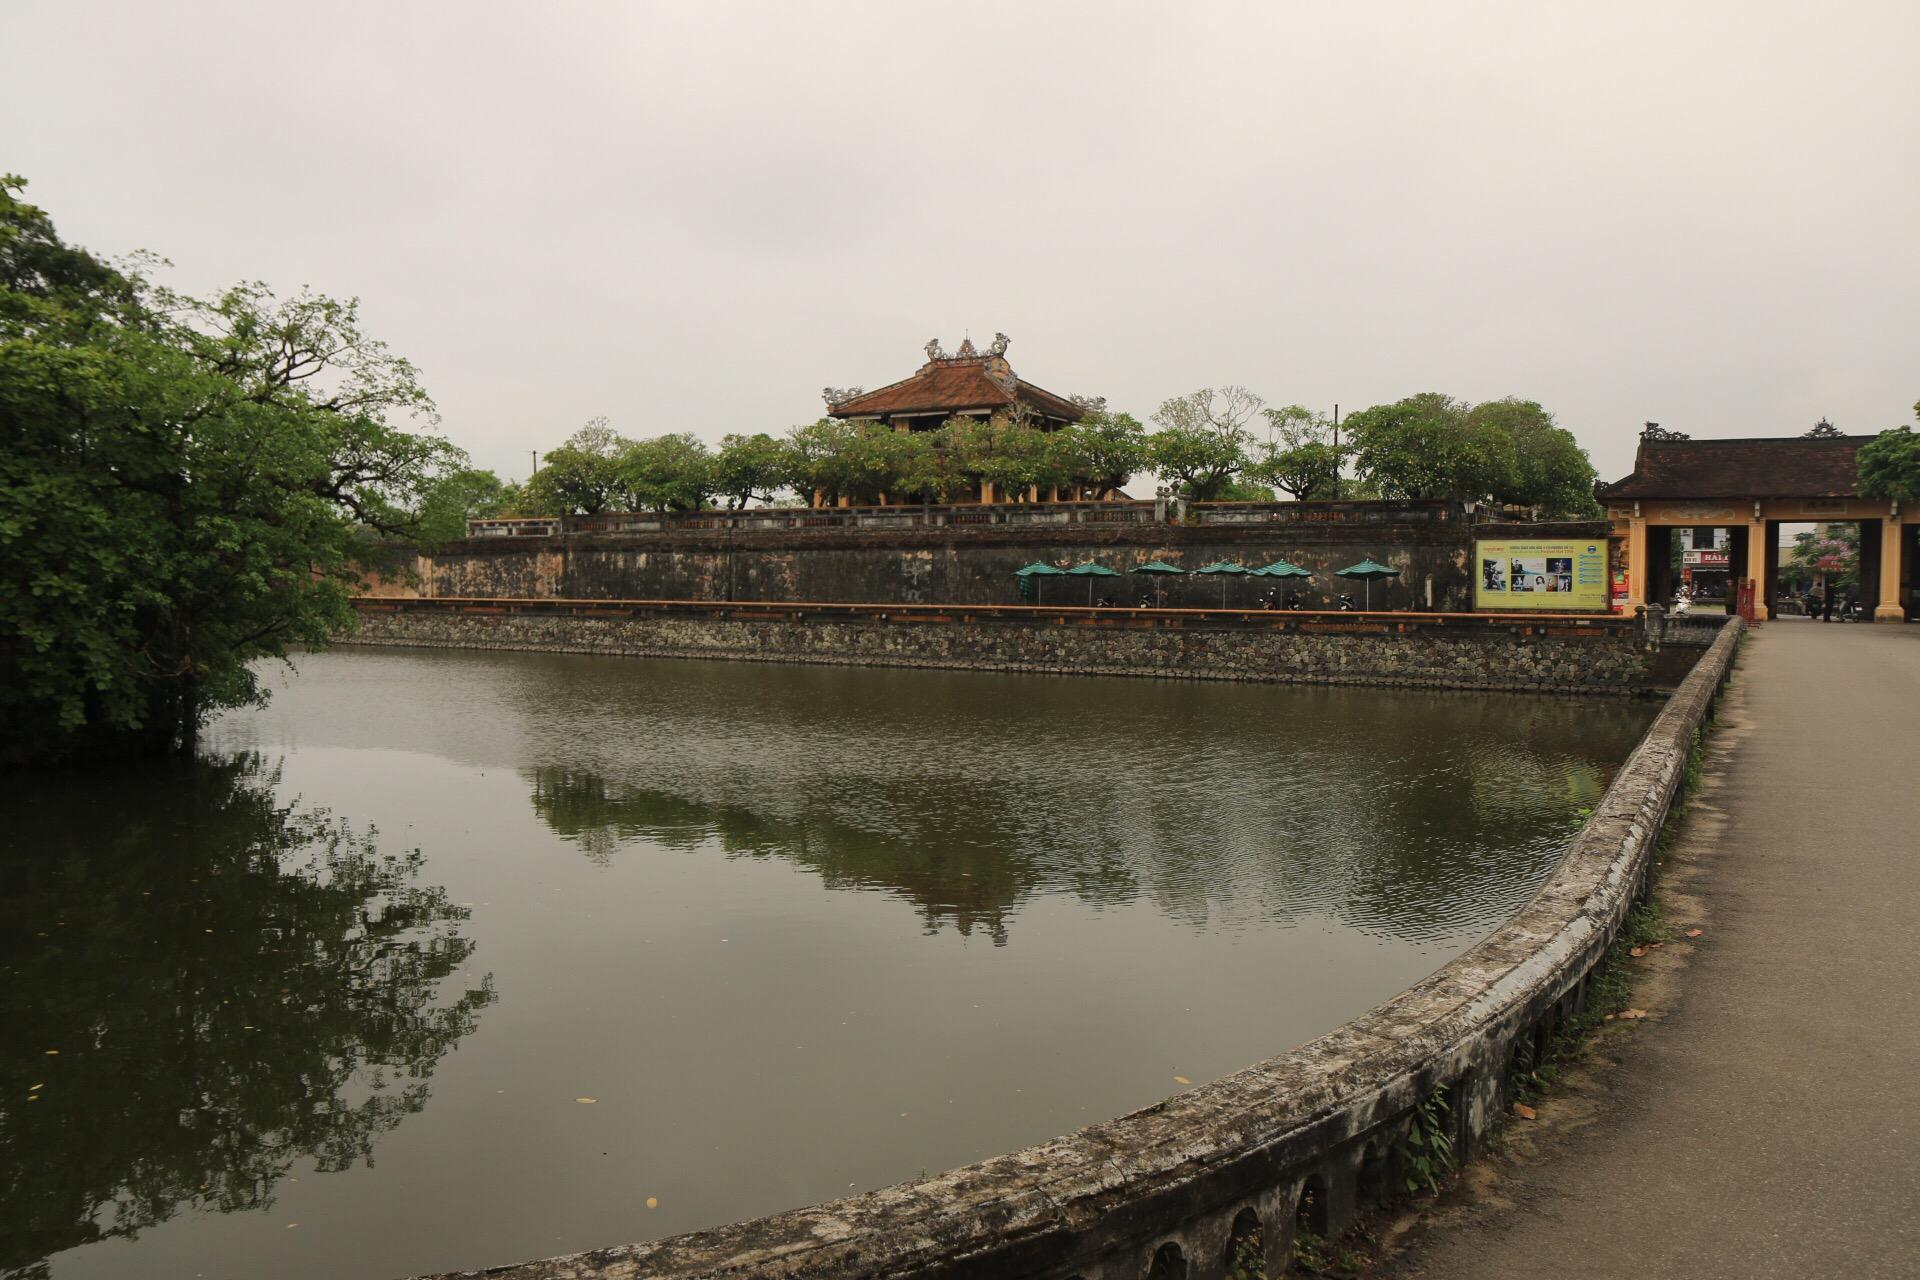 Das nördliche Tor der Kaiserstadt von Hue.